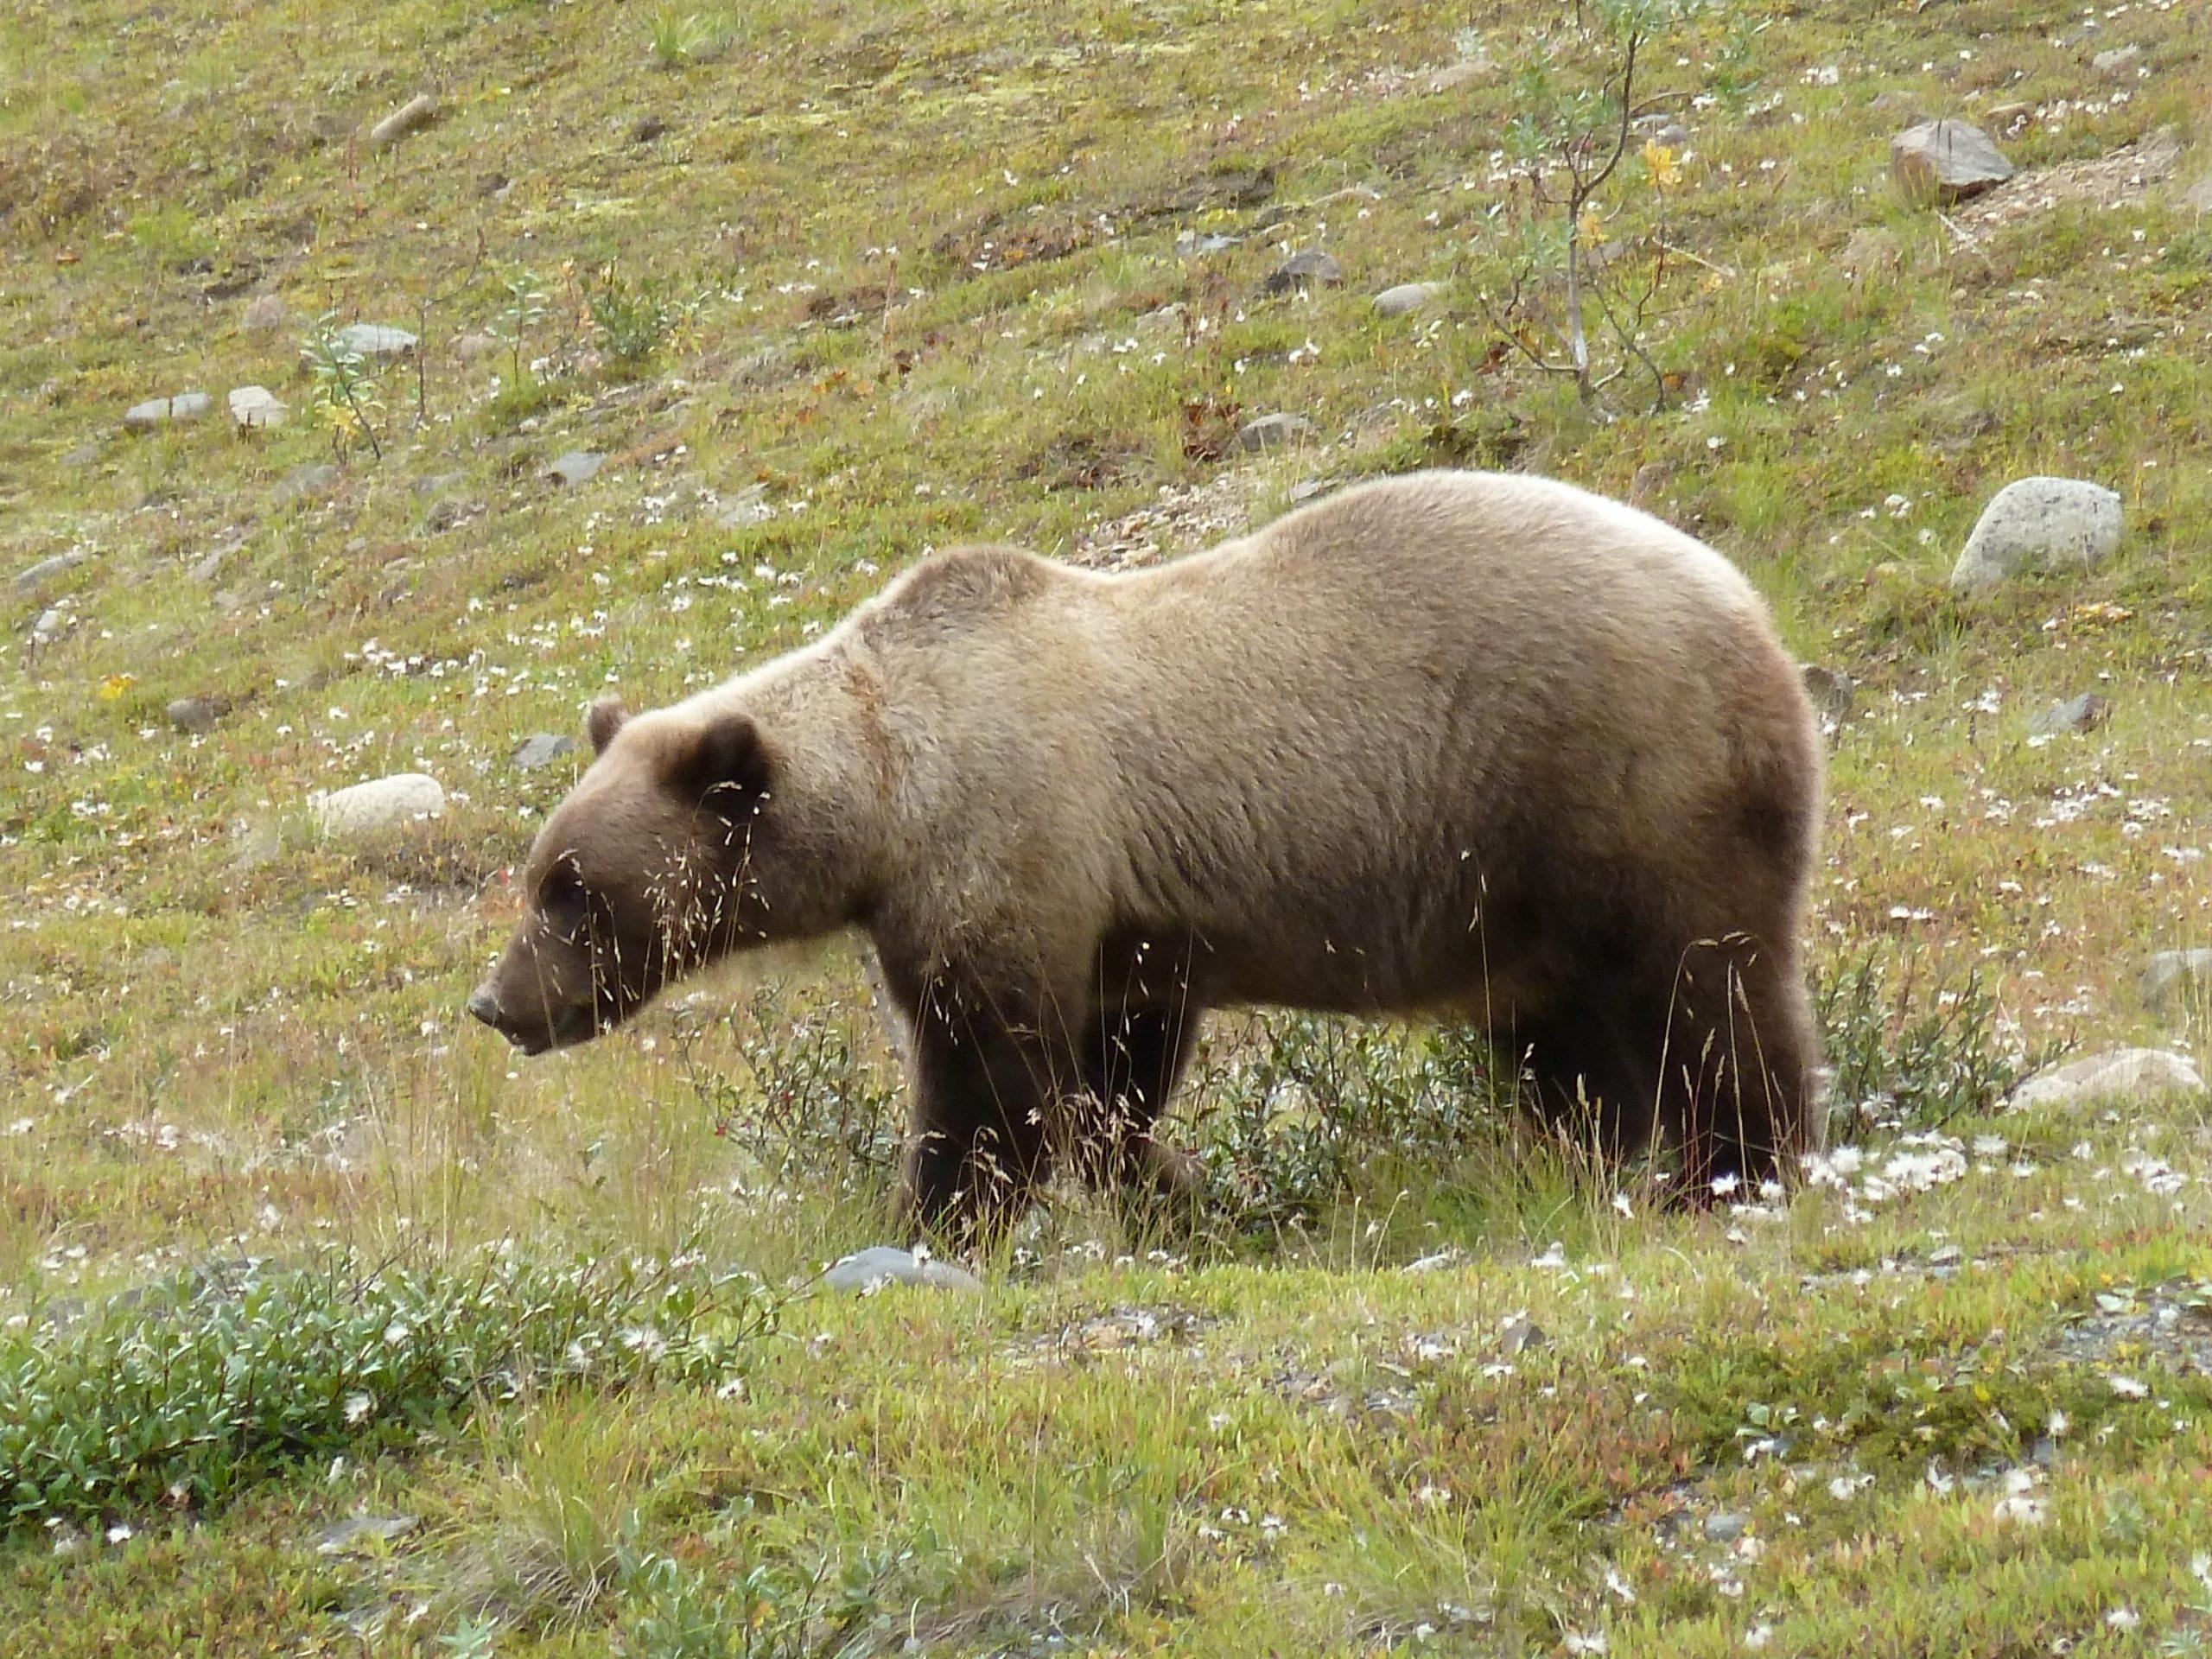 Radreise Alaska 2010 - Denali-NP - Bär